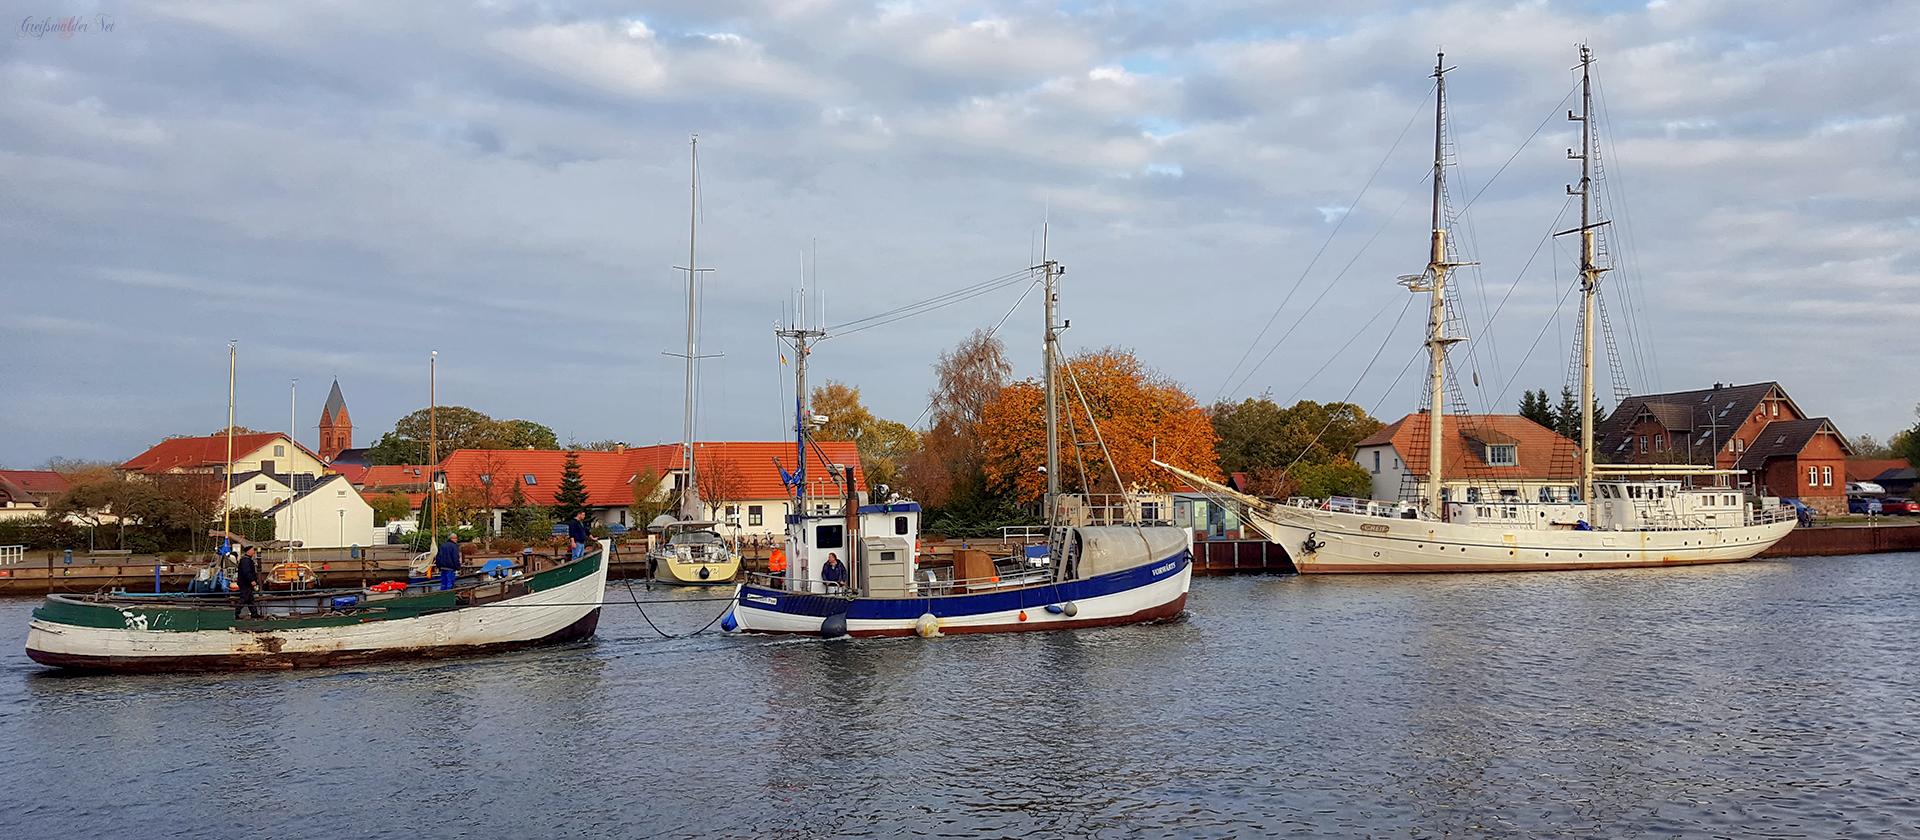 Schiffsverkehr auf dem Ryck in Greifswald-Wieck